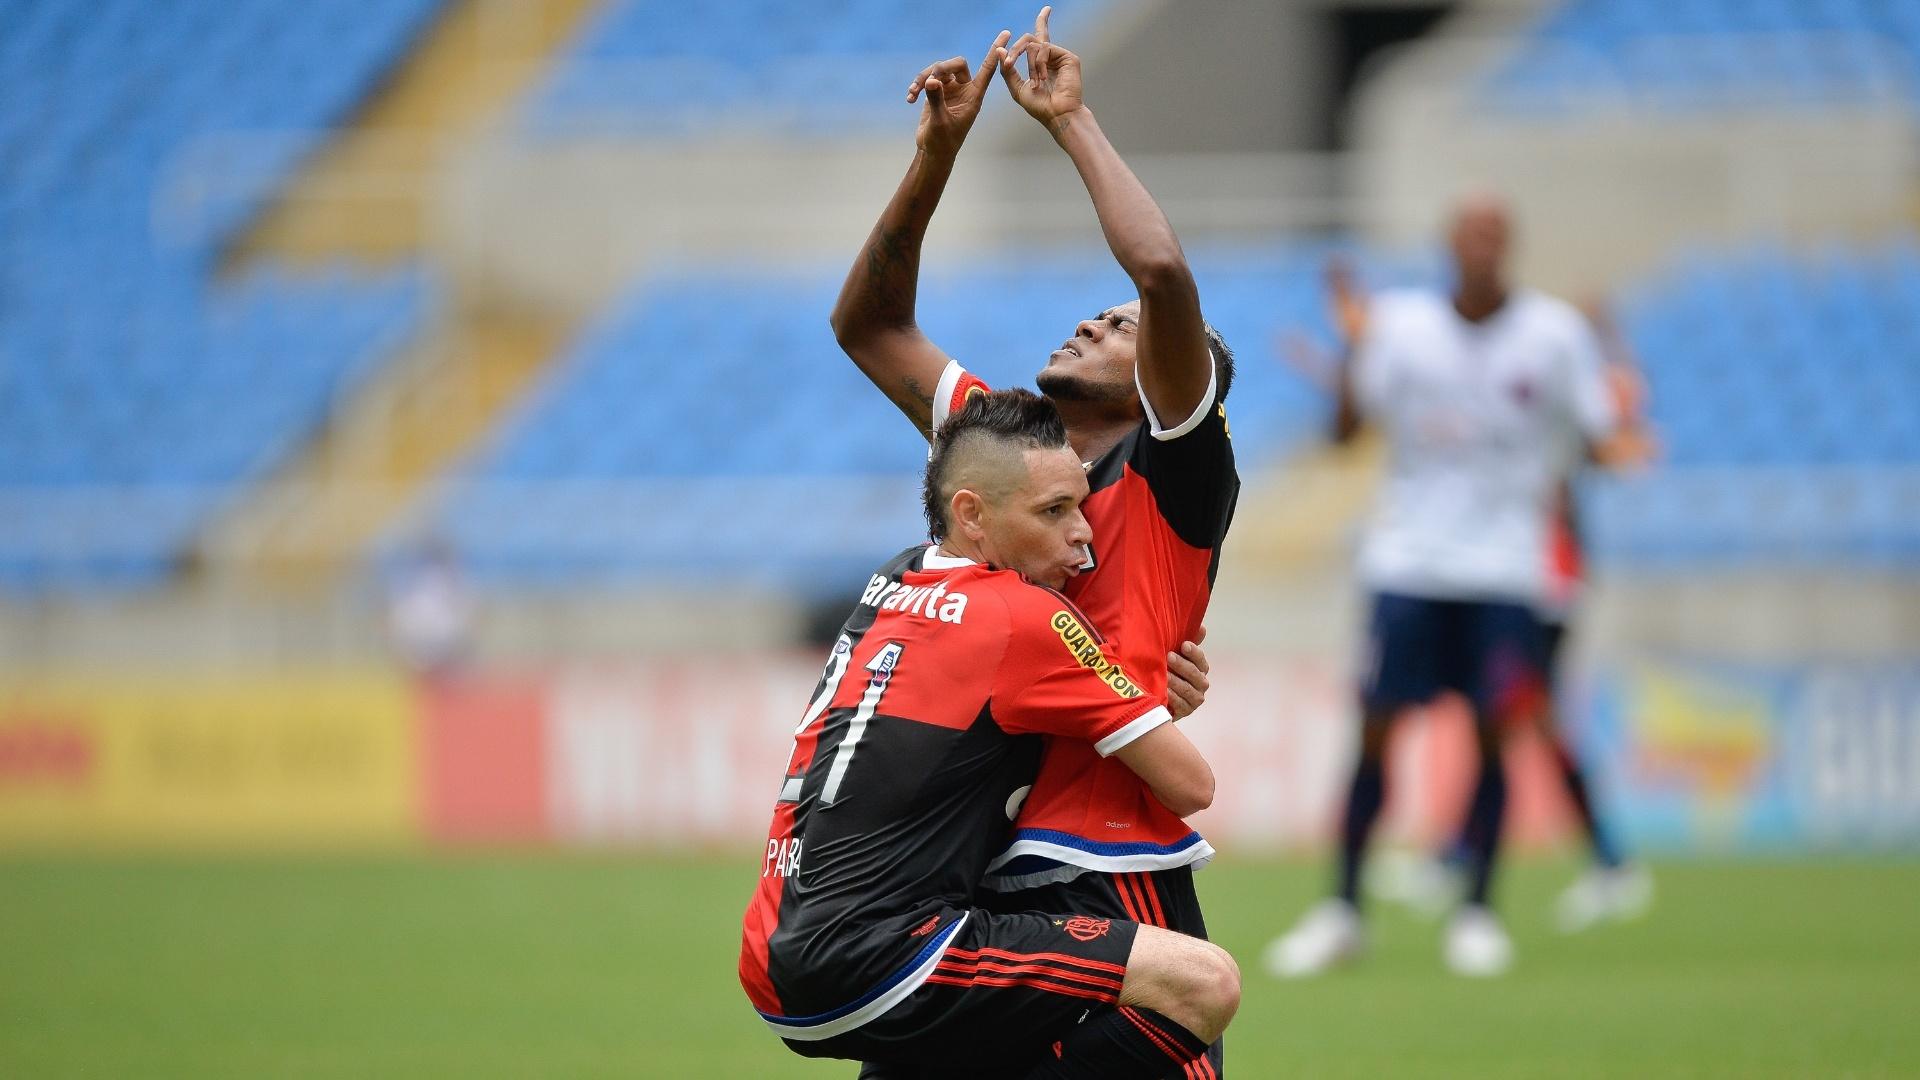 Pará abraça Marcelo Cirino, que abriu o placar para o Flamengo contra o Bonsucesso